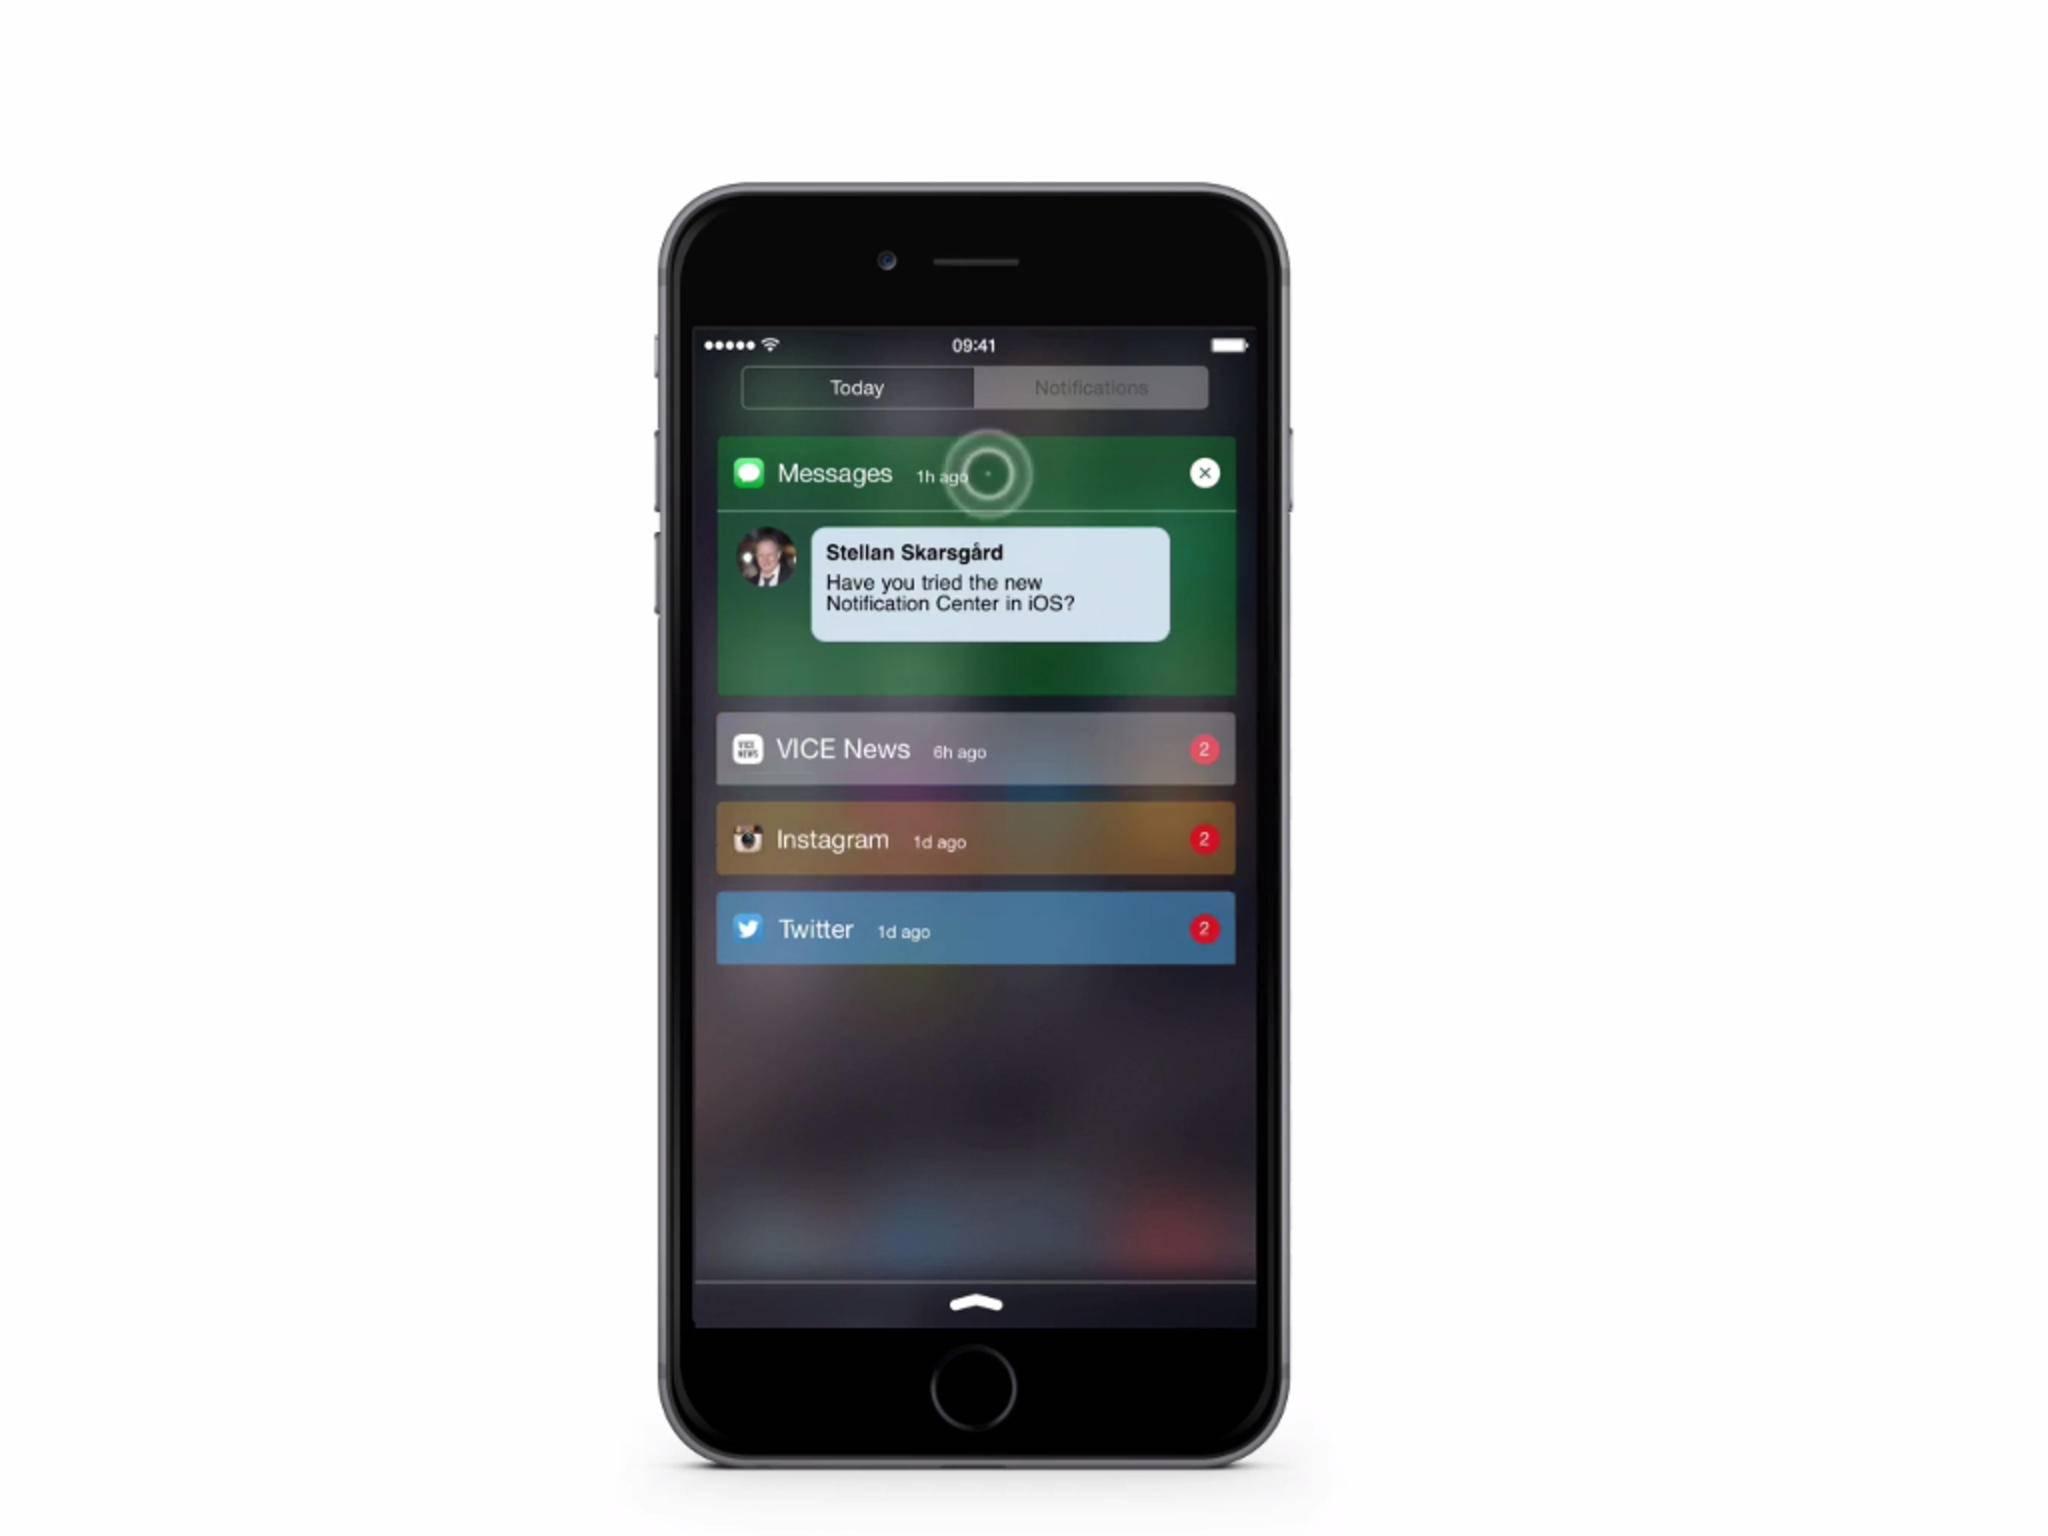 Die Benachrichtigungszentrale sollte bei iOS 9 endlich aufgeräumt werden.